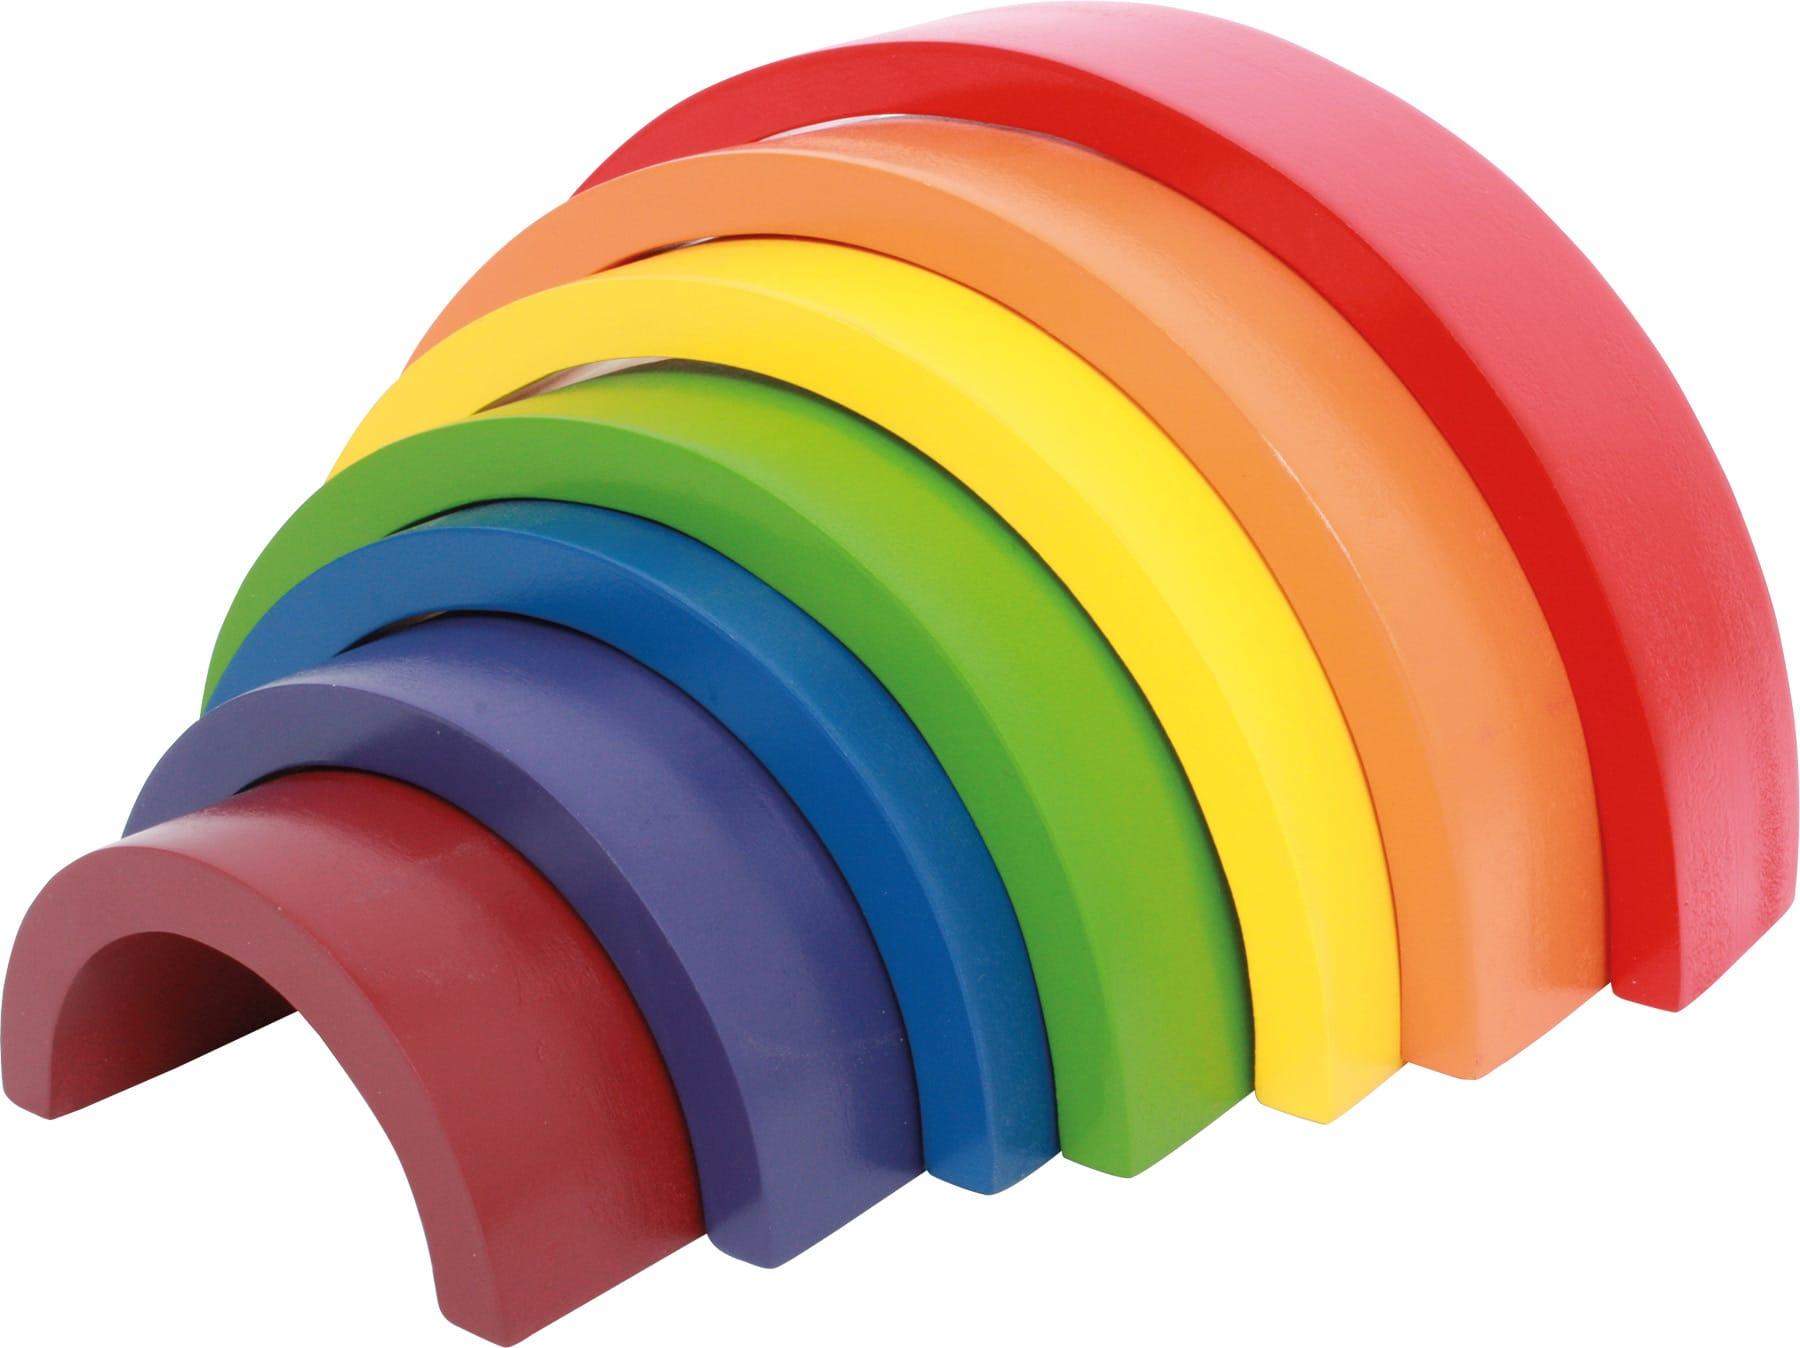 Houten speelgoed regenboog